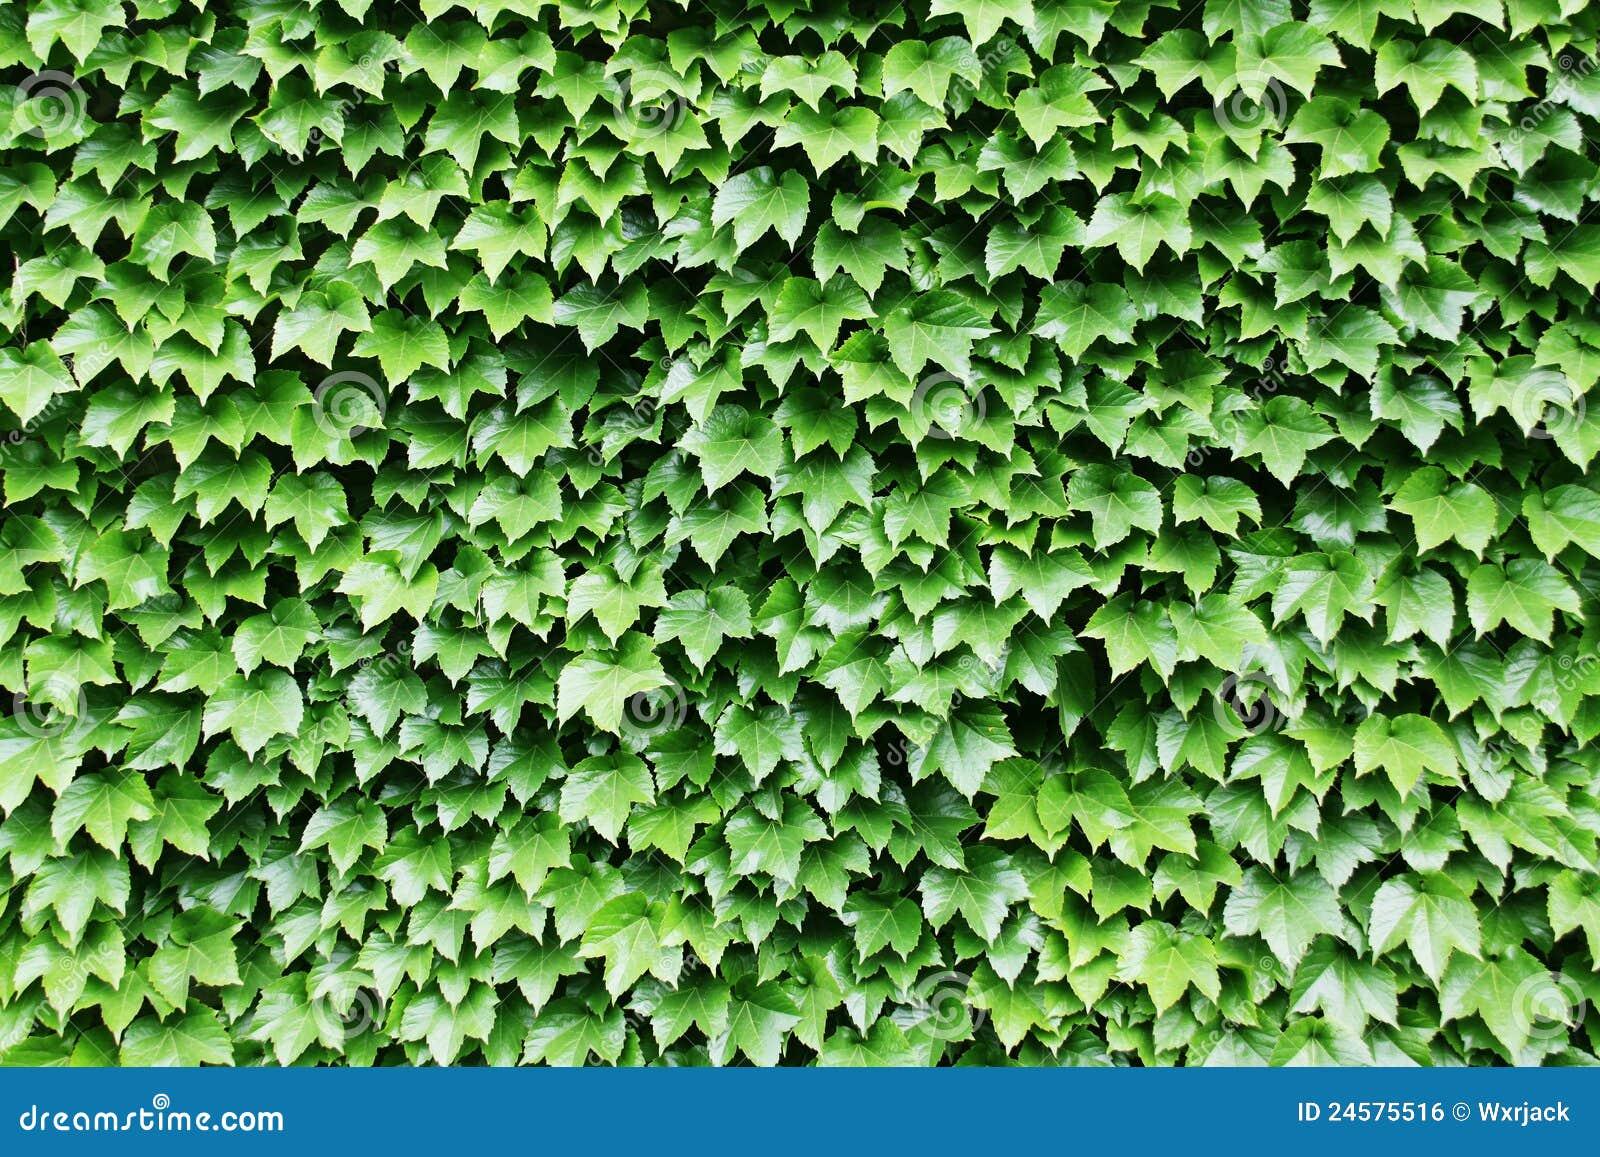 Groene Muur Royalty-vrije Stock Afbeelding - Afbeelding: 24575516